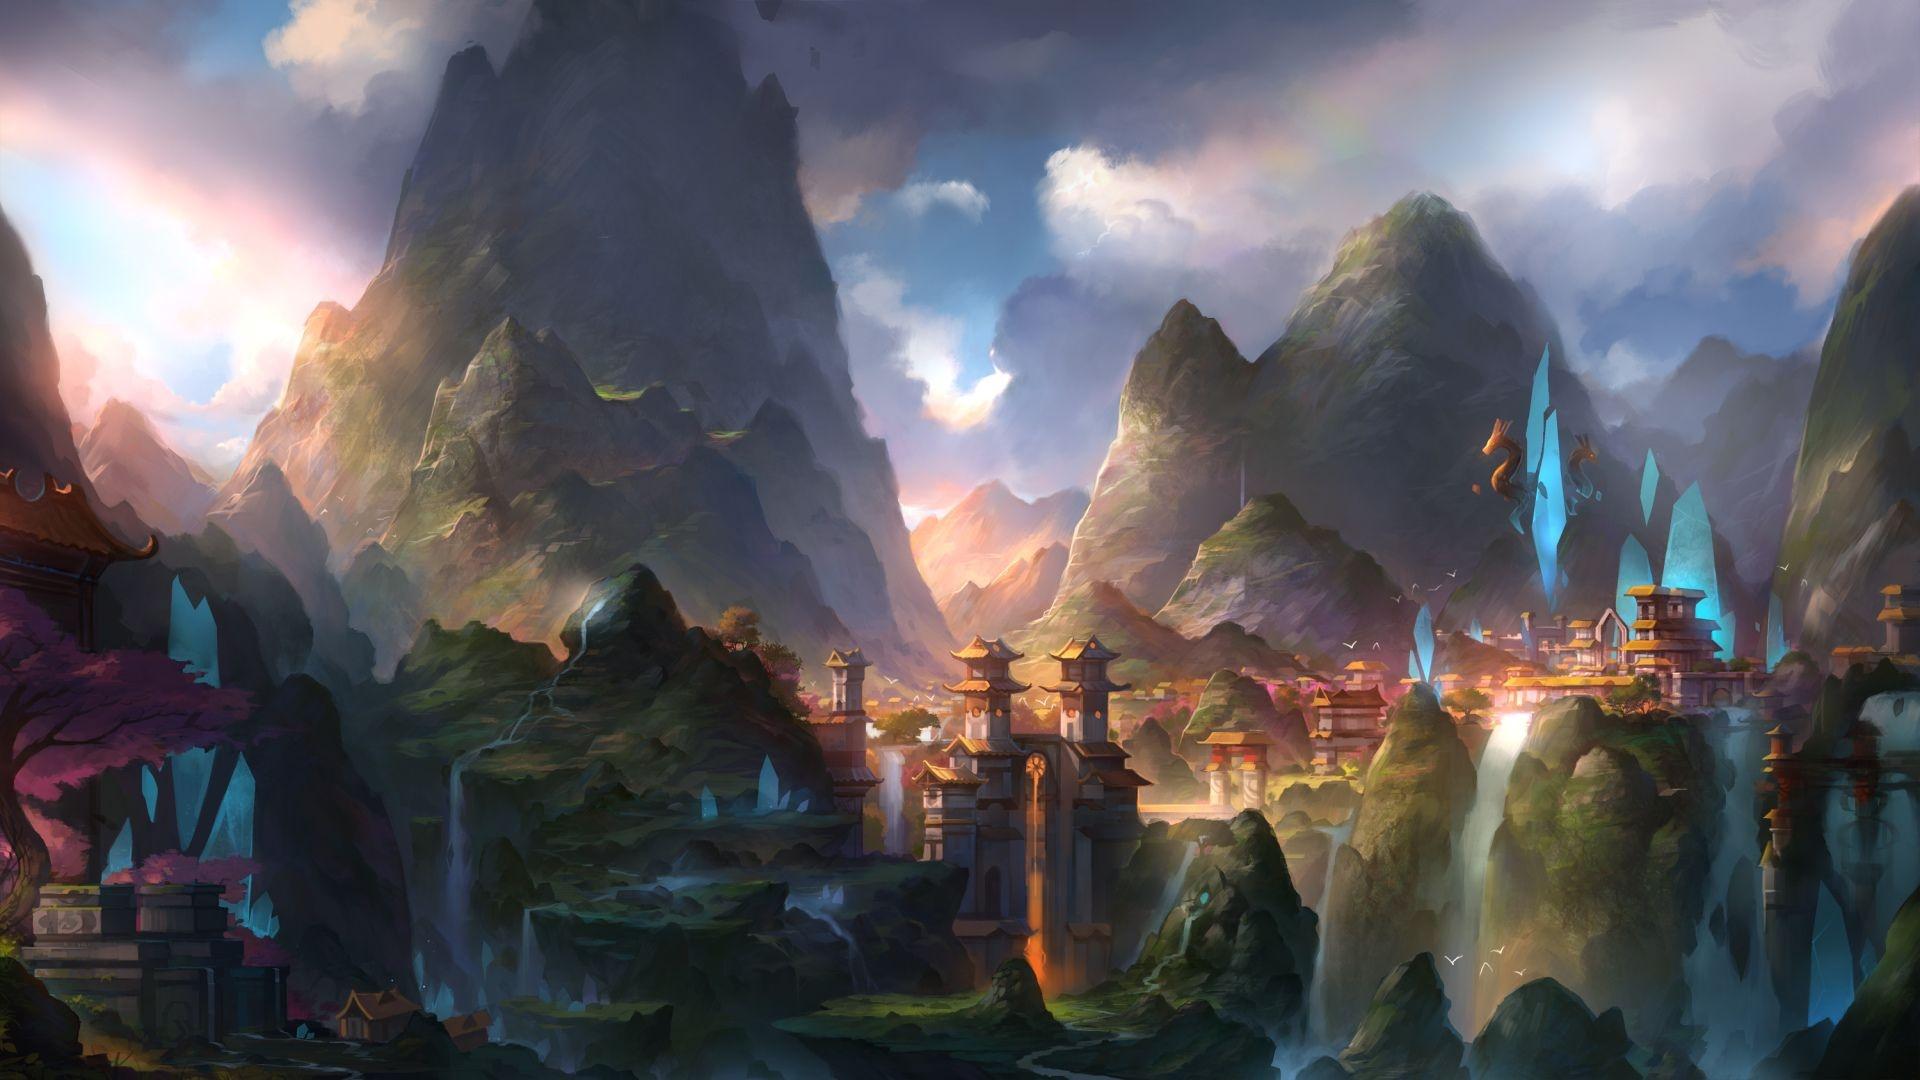 Fantasy Landsсape Wallpaper Picture